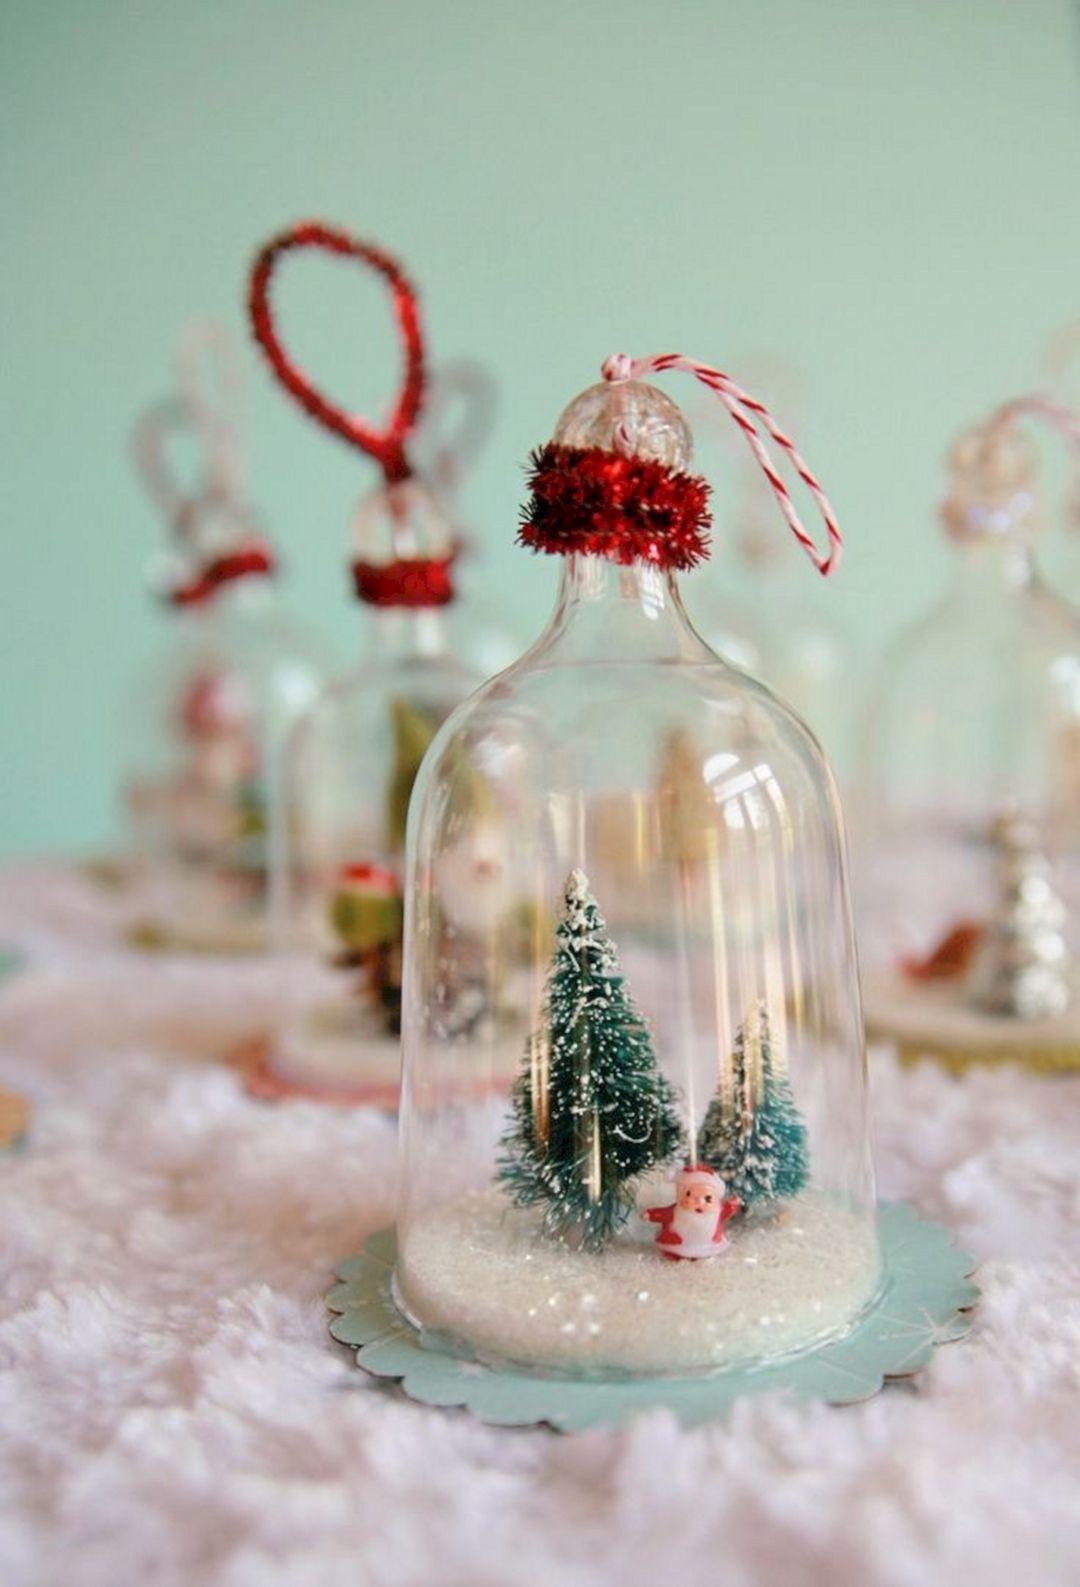 DIY Ornament Christmas Ideas 21